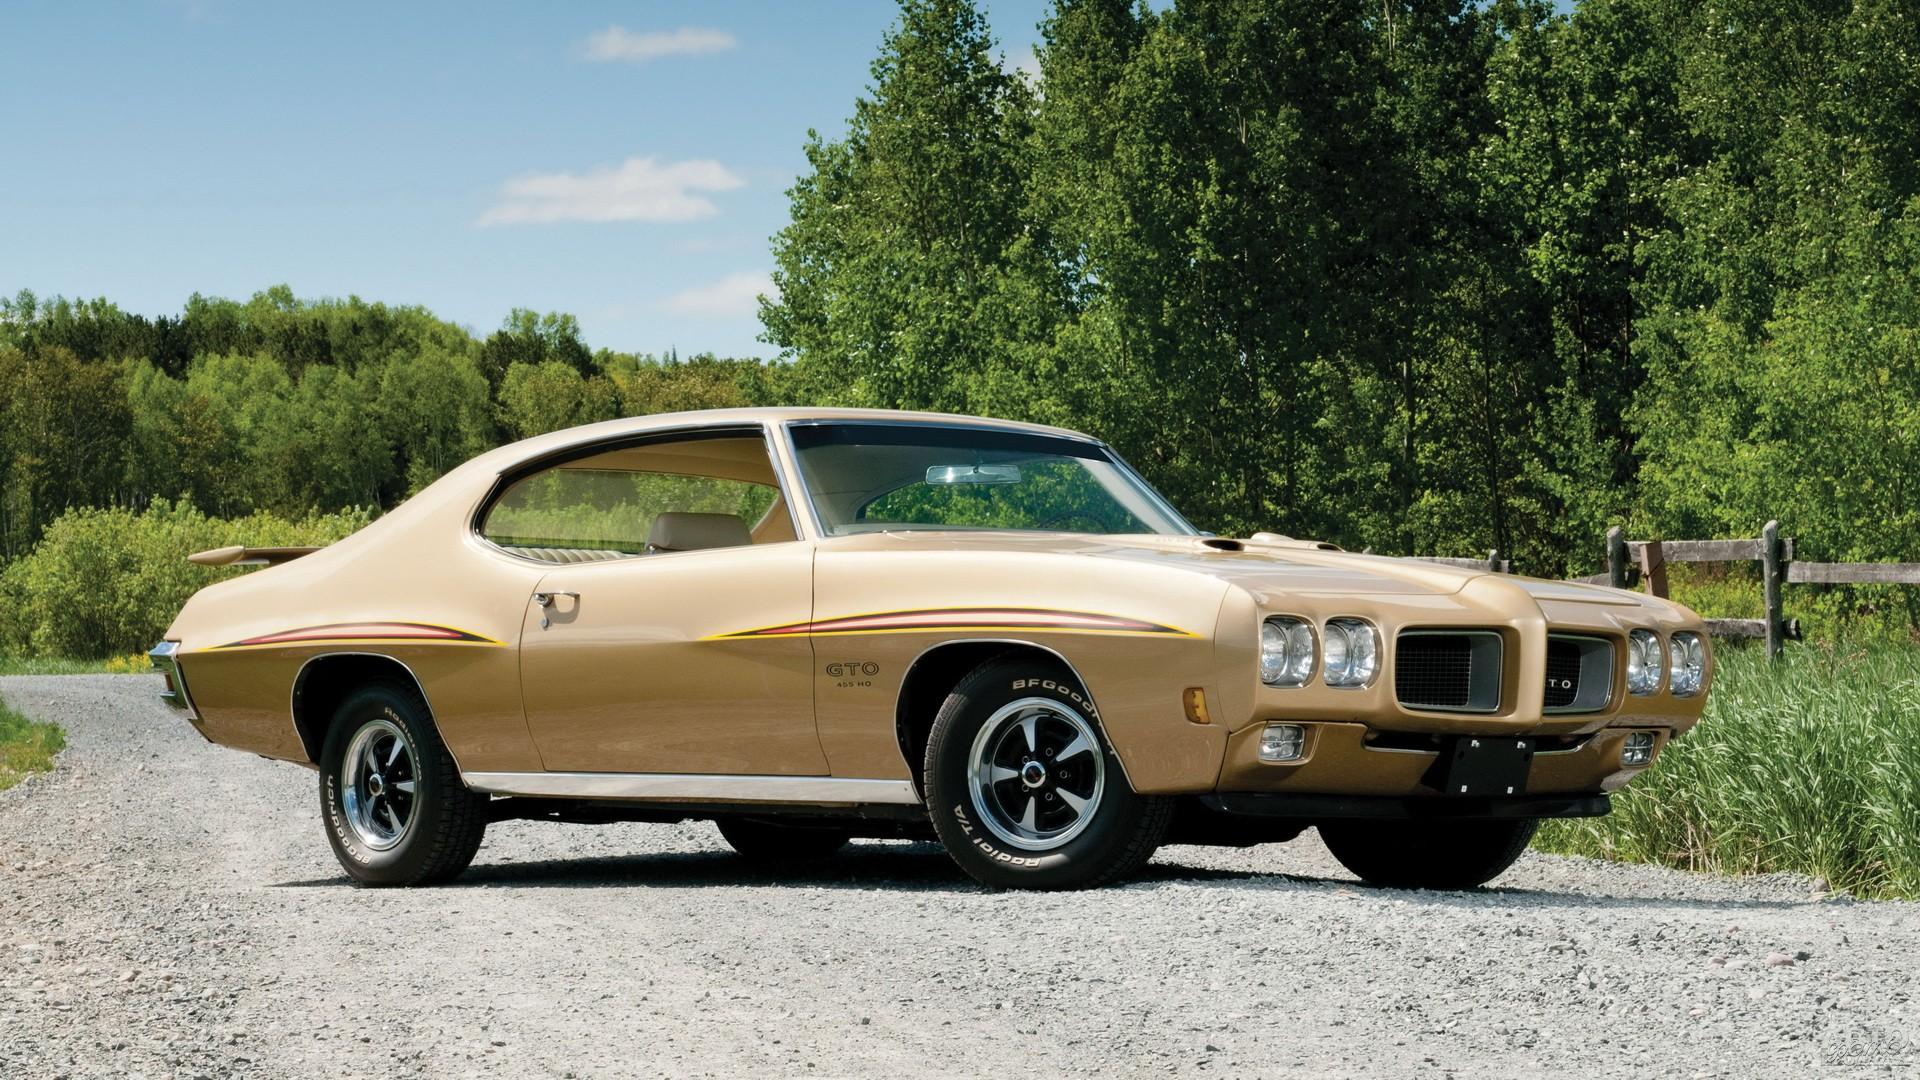 В 1970 году Pontiac GTO обновили и оснастили 7,4-литровым мотором